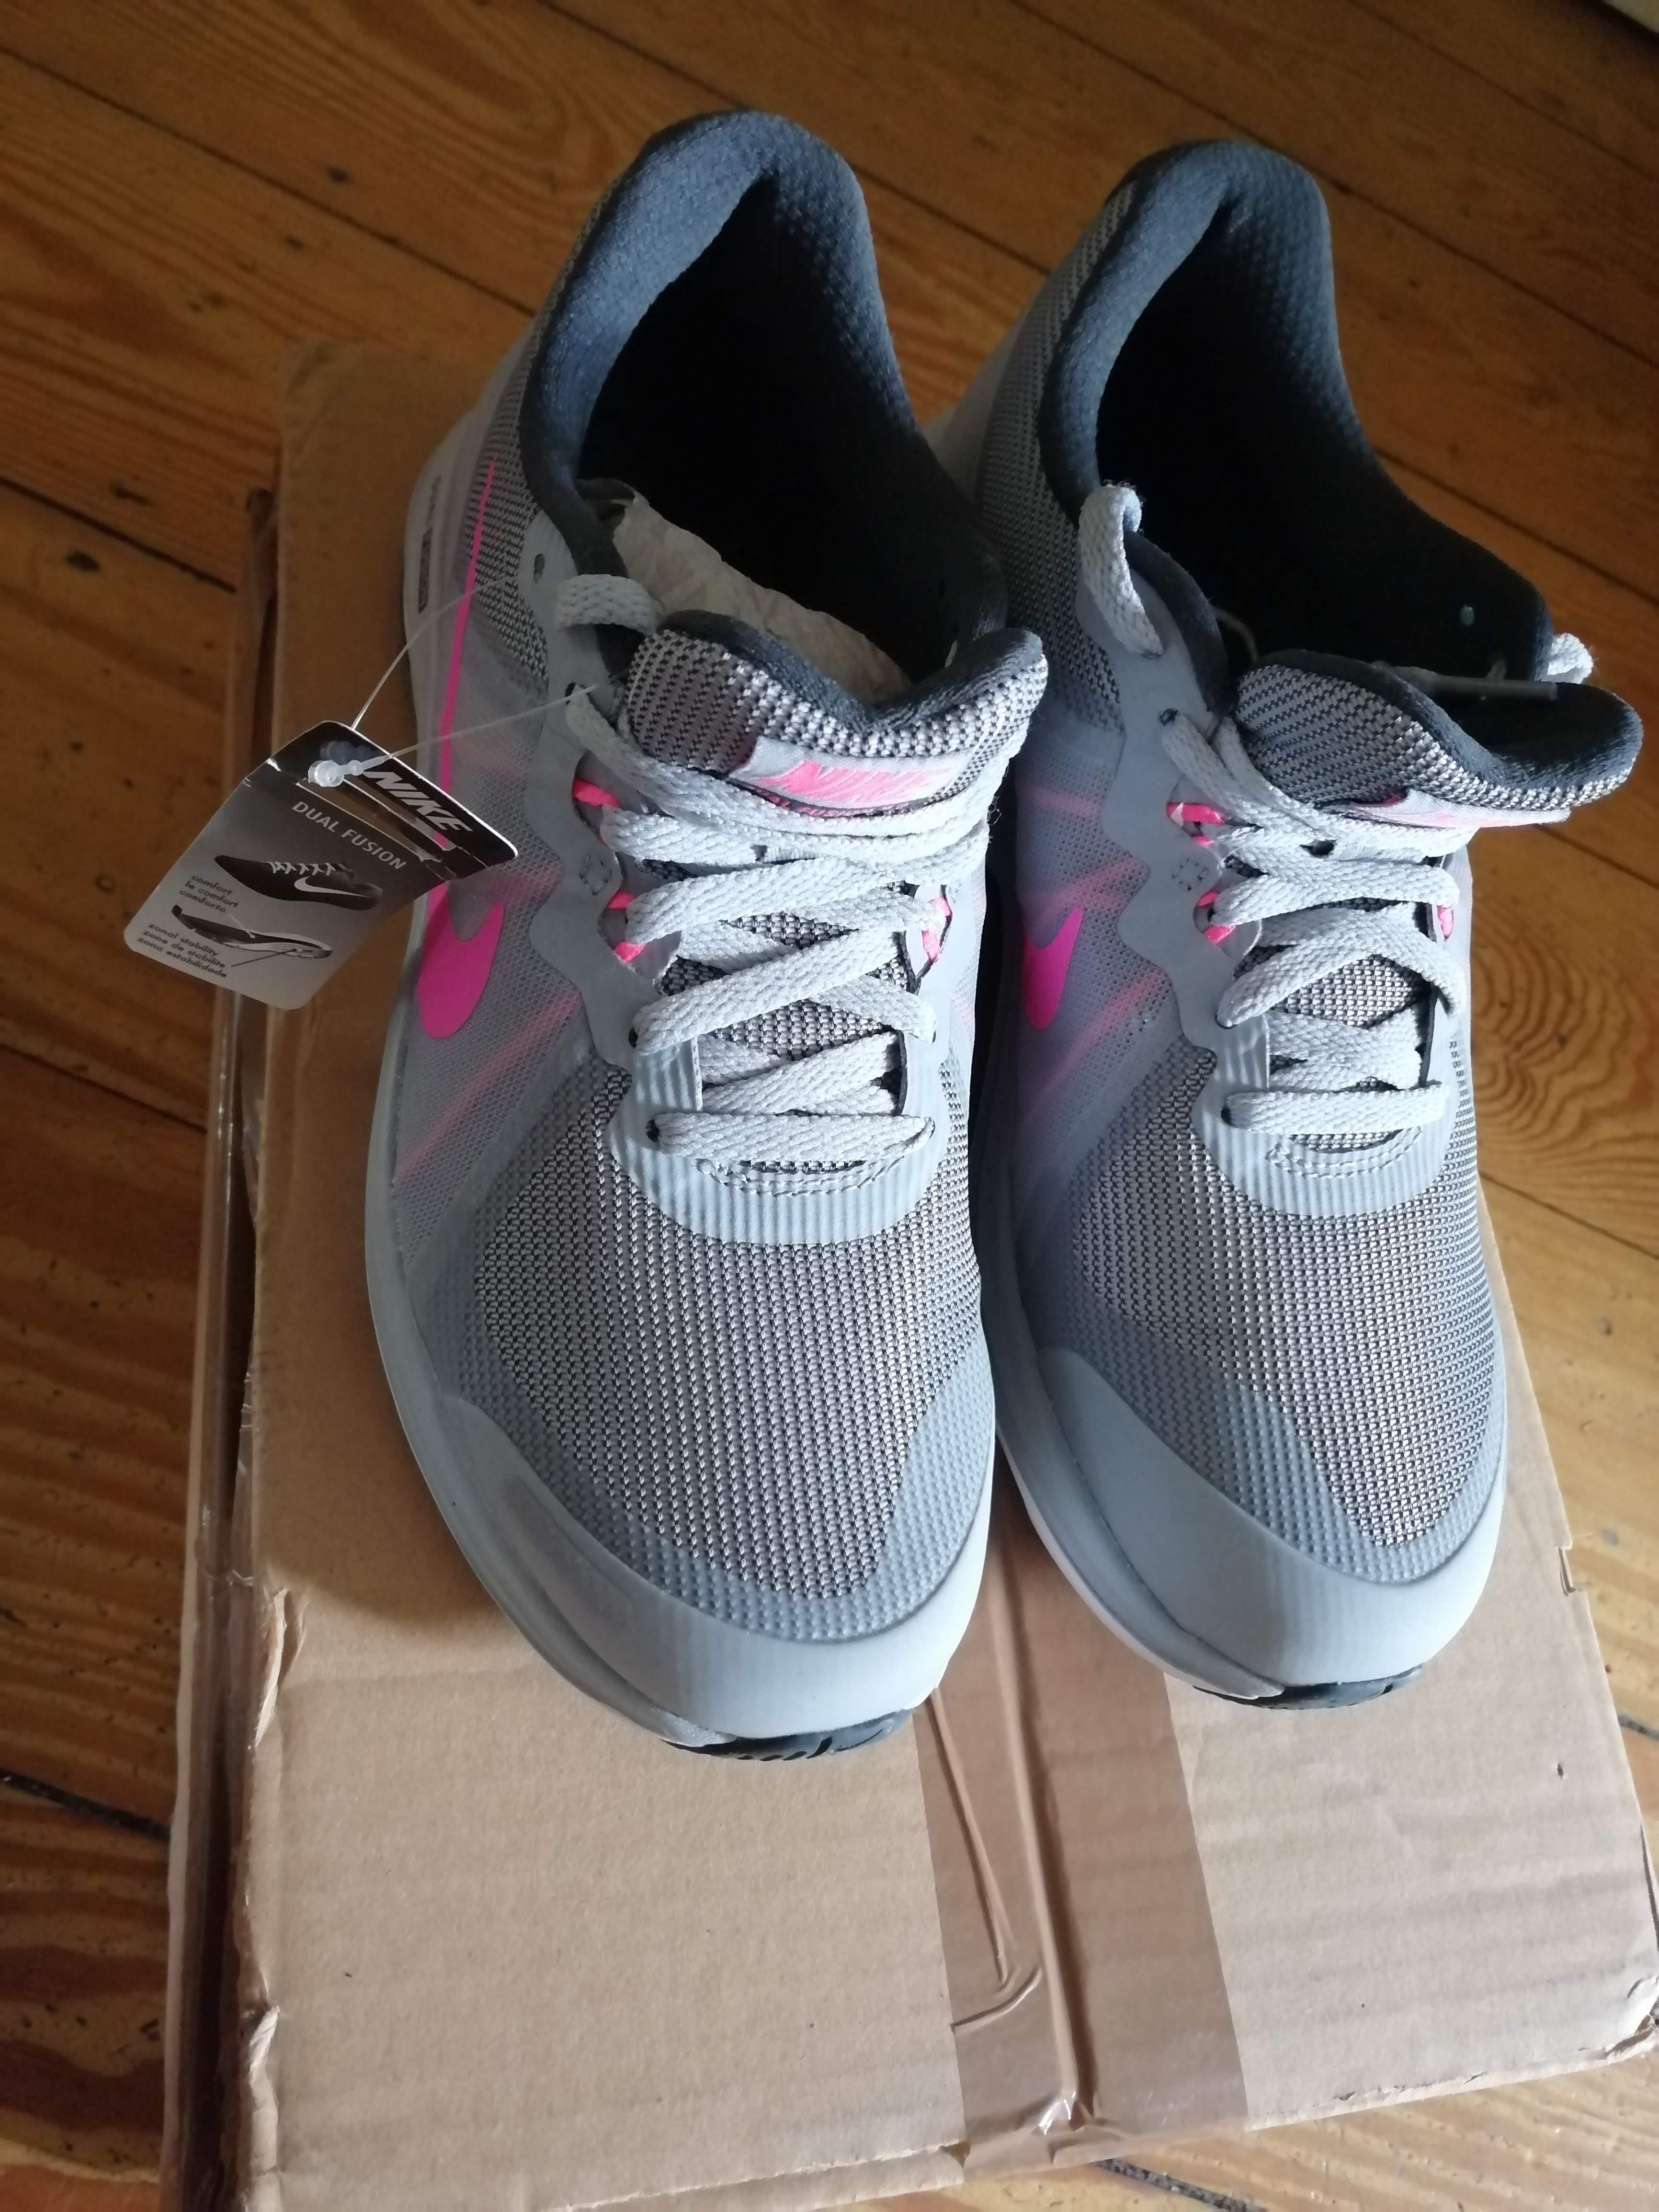 Bild Nummer 2 von Neu: Nike Damen Laufschuhe, 37,5 (rechts), 40 (links)